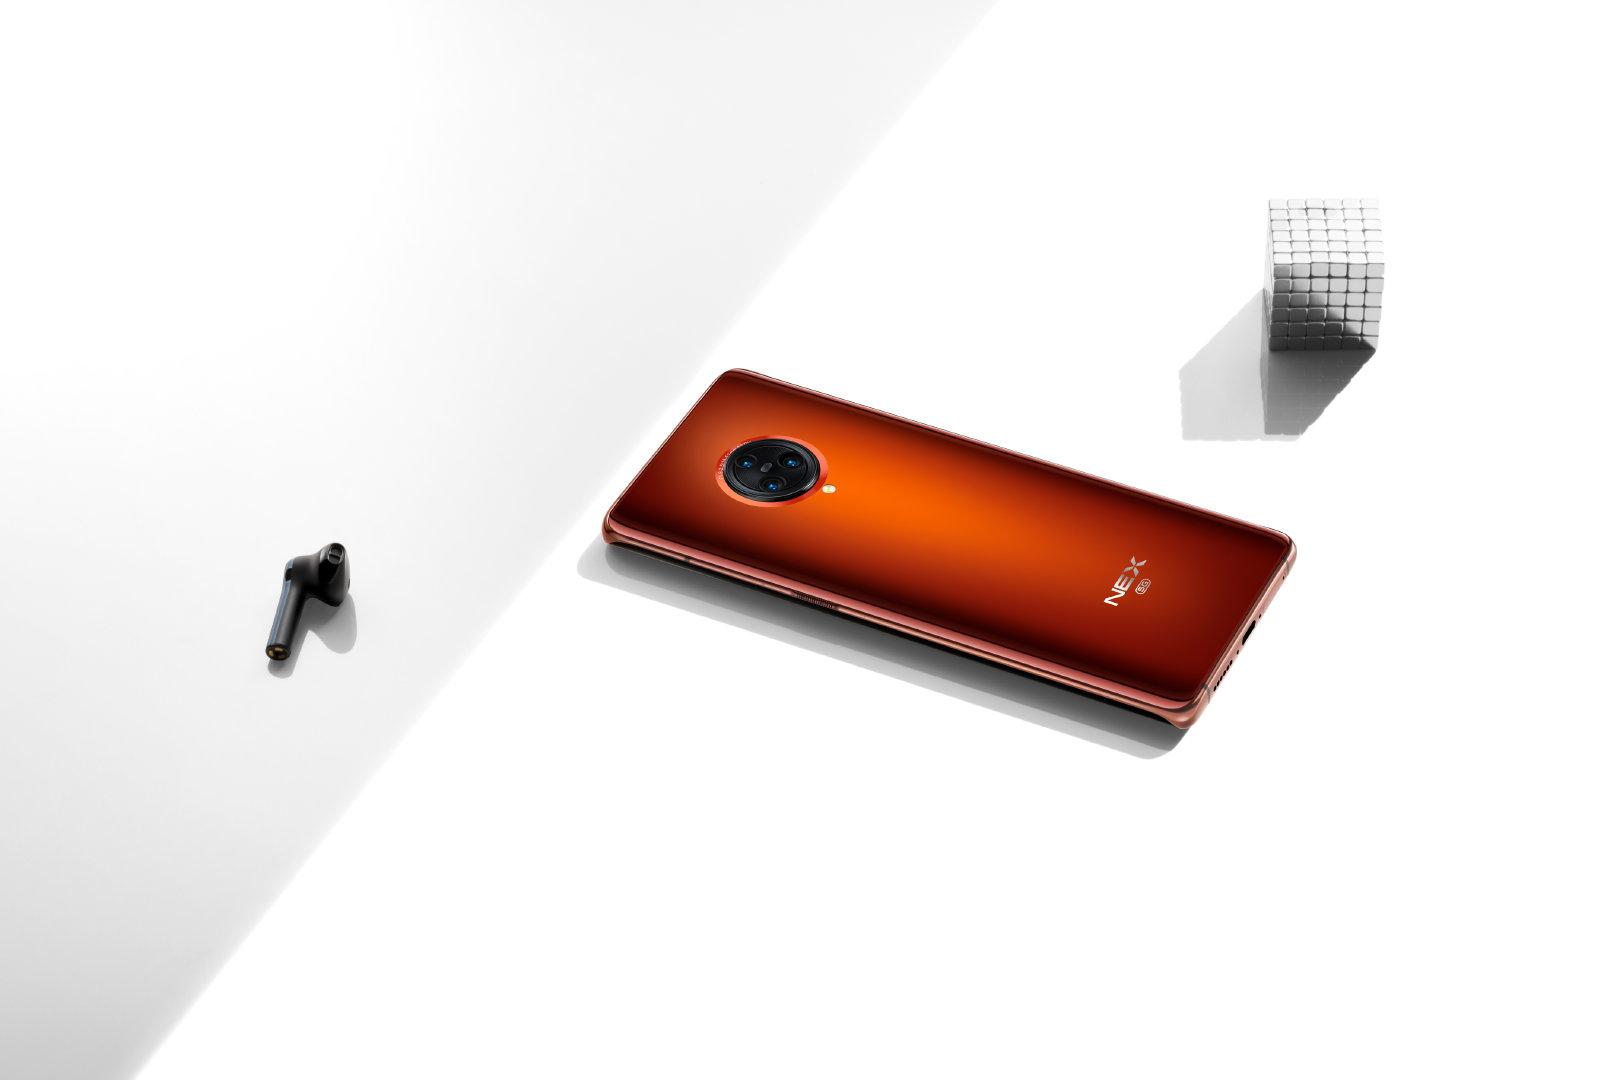 NEX 3S 双模 5G 旗舰新品,搭载高通骁龙865芯片